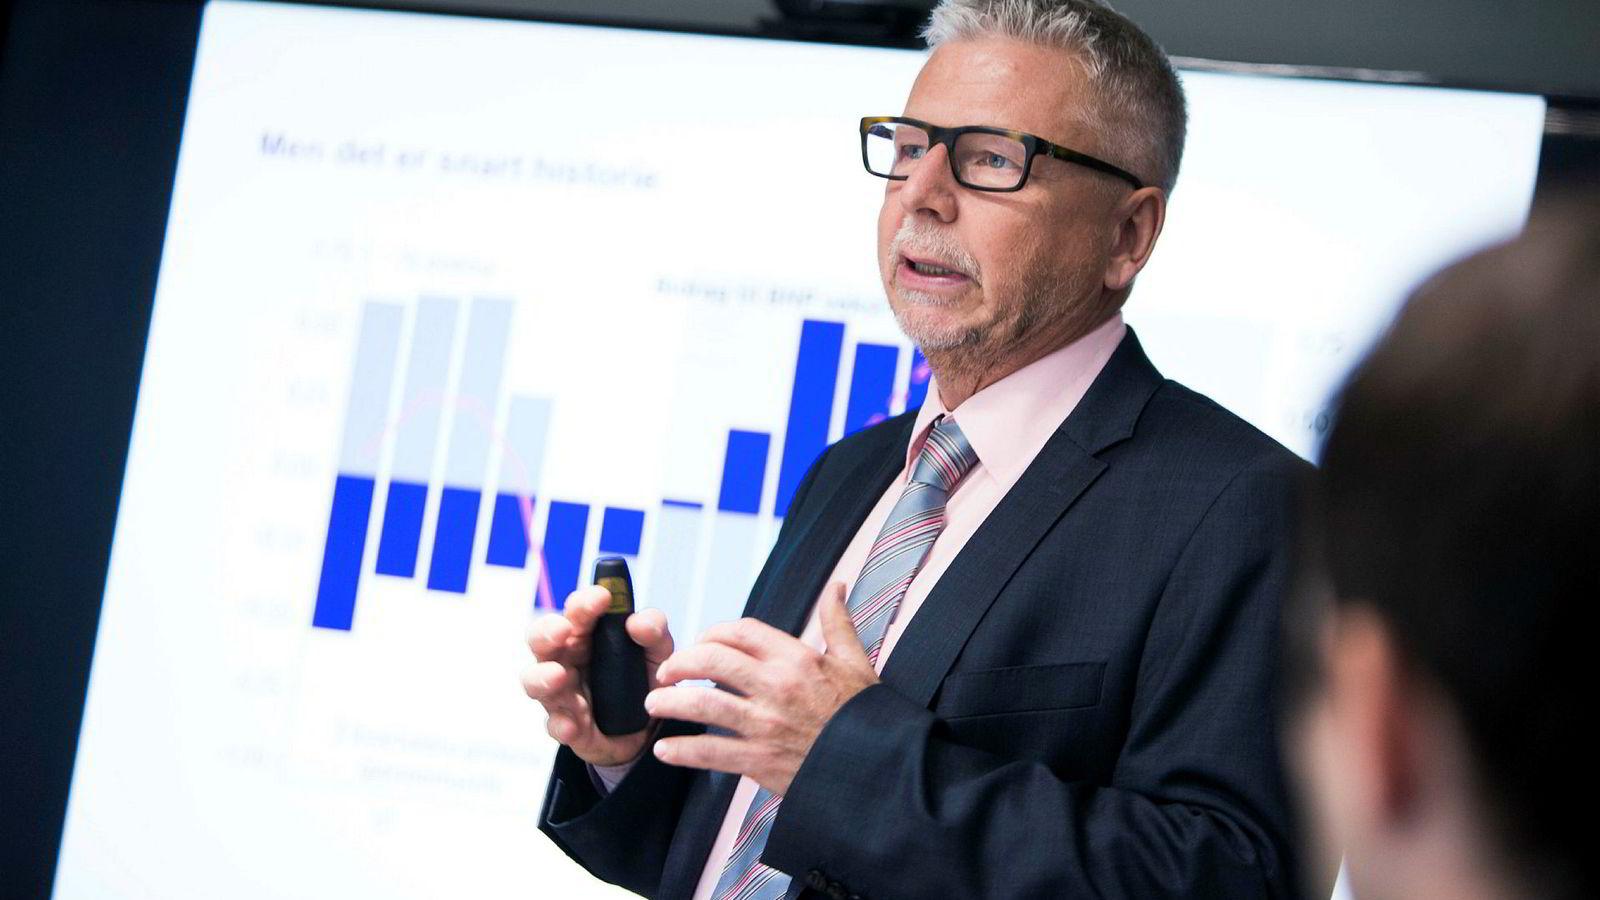 – Det er et argument for en lavere rente i 2020, men ikke nok til å forhindre en heving i september, sier Erik Bruce, sjefanalytiker i Nordea.